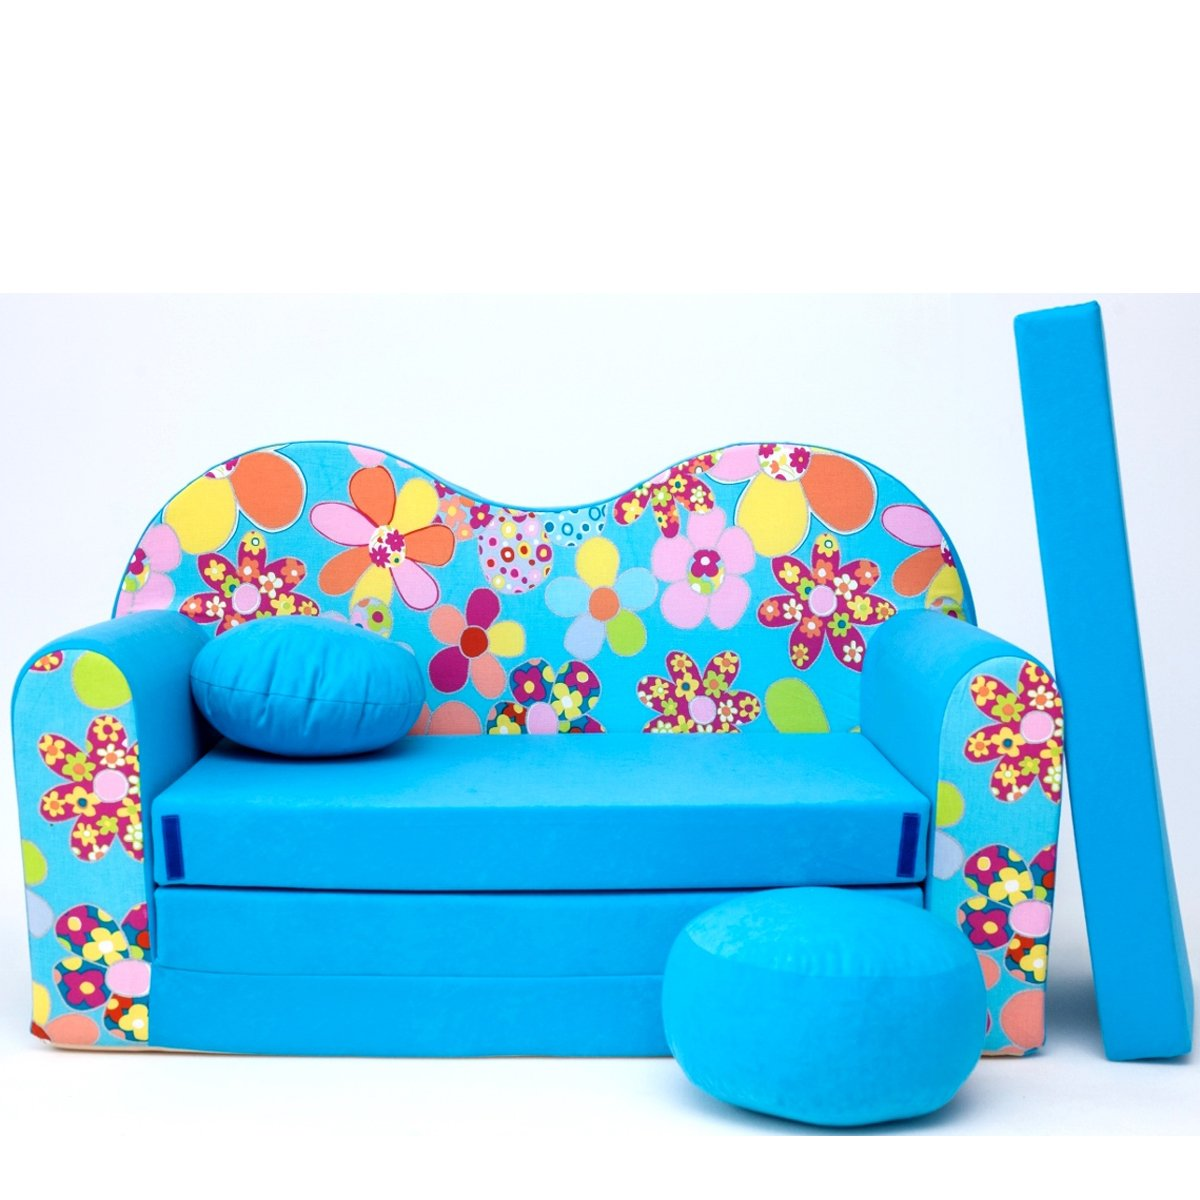 B13�bambini divano pieghevole divano letto divano sofa Mini Couch 3�in 1�Baby Set + sedia per bambin